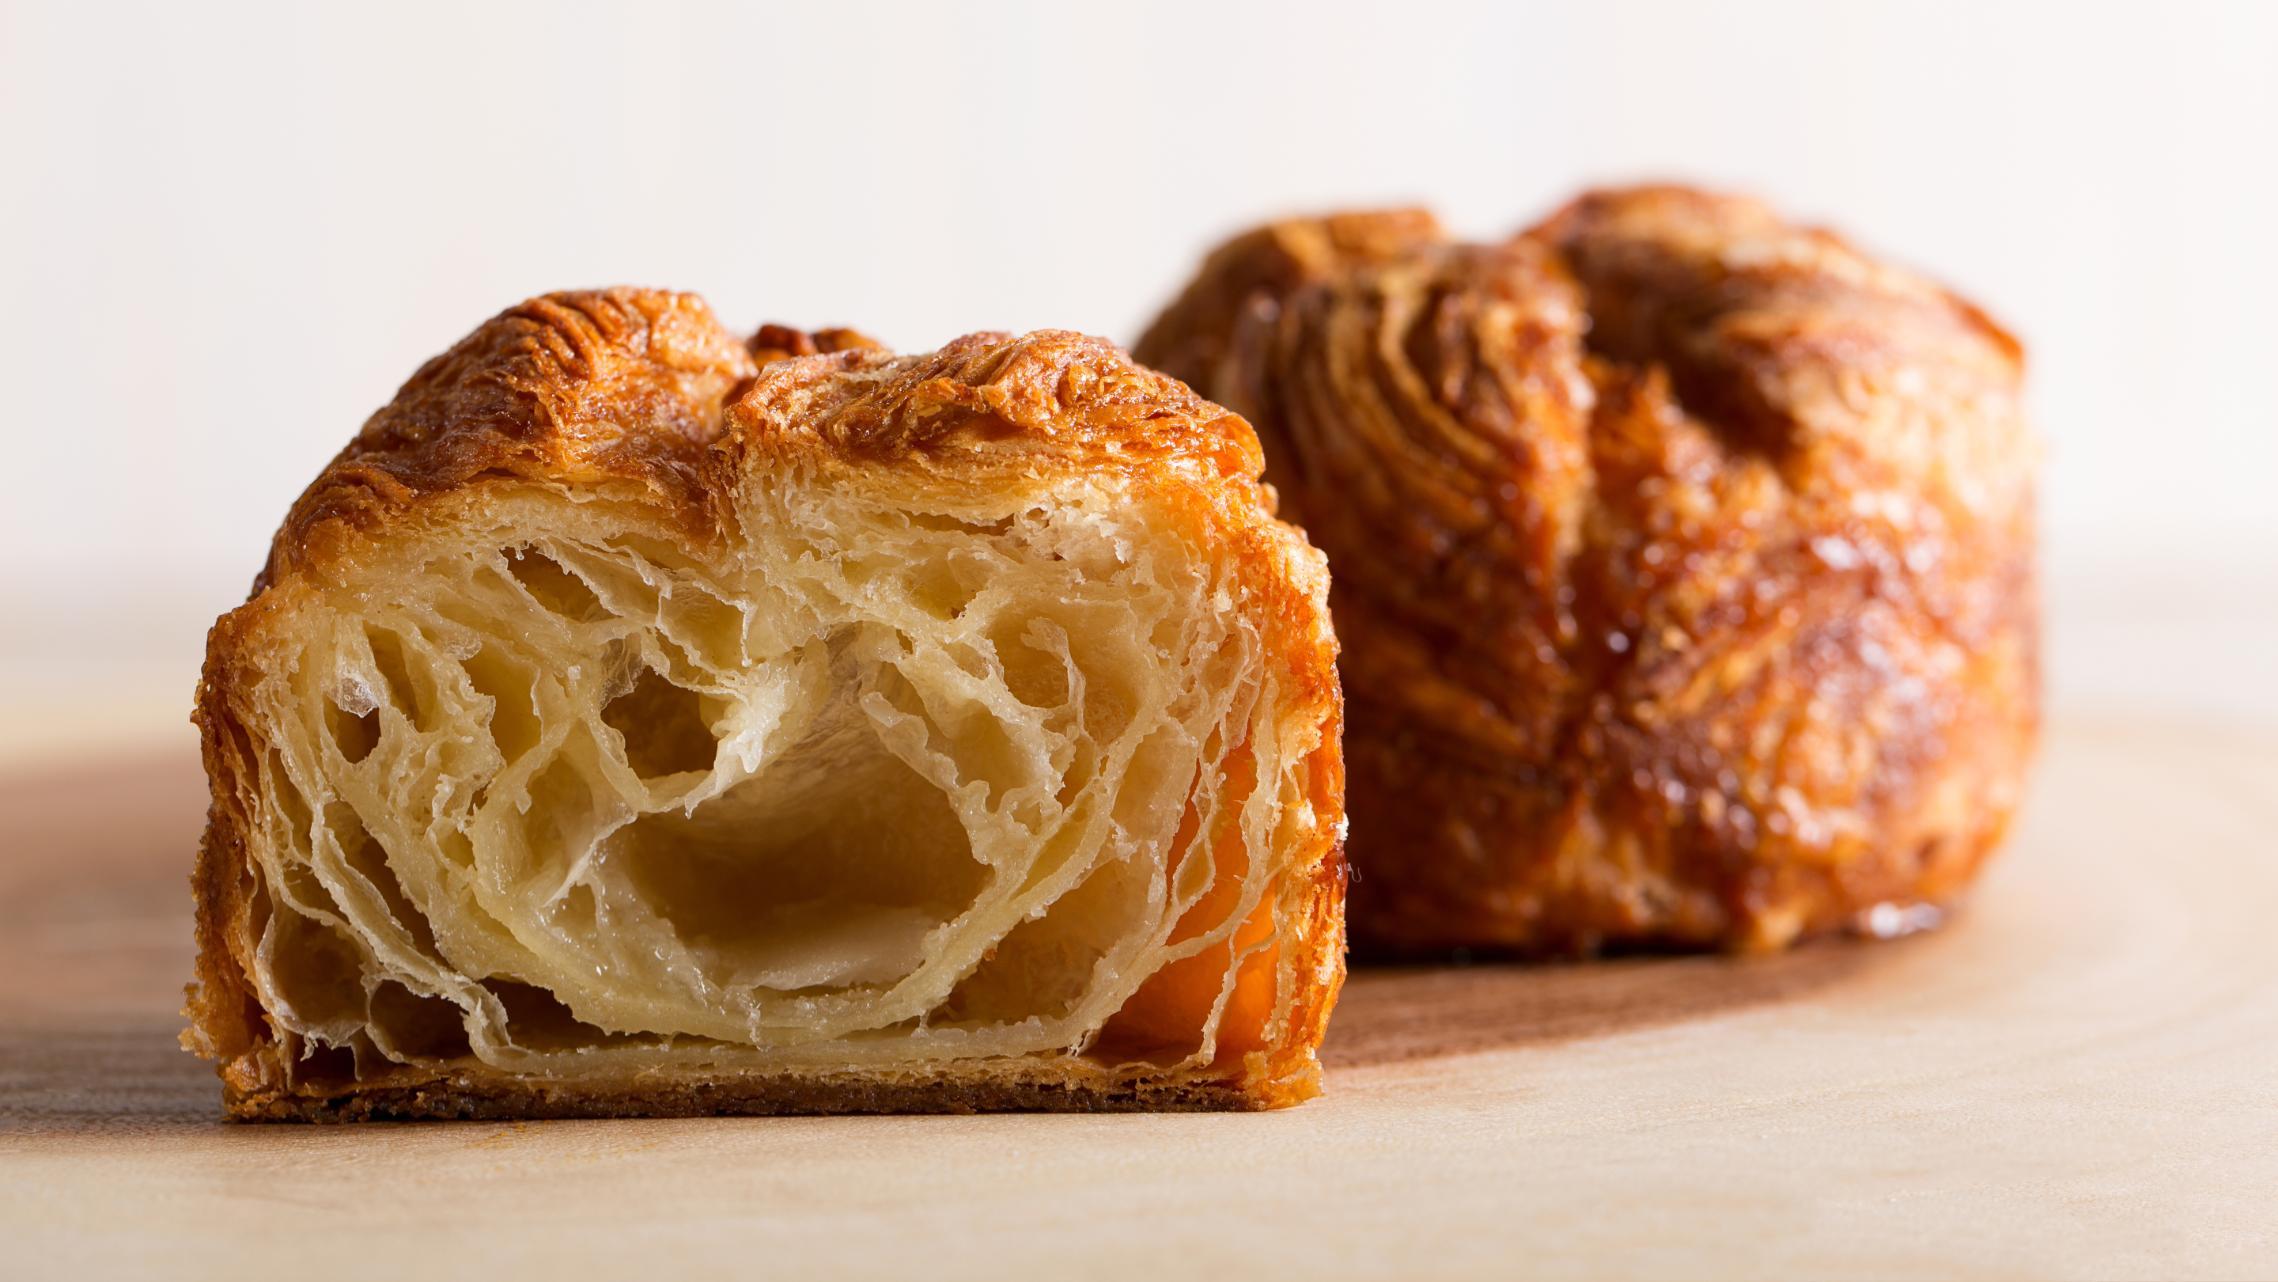 50 best desserts around the world | CNN Travel